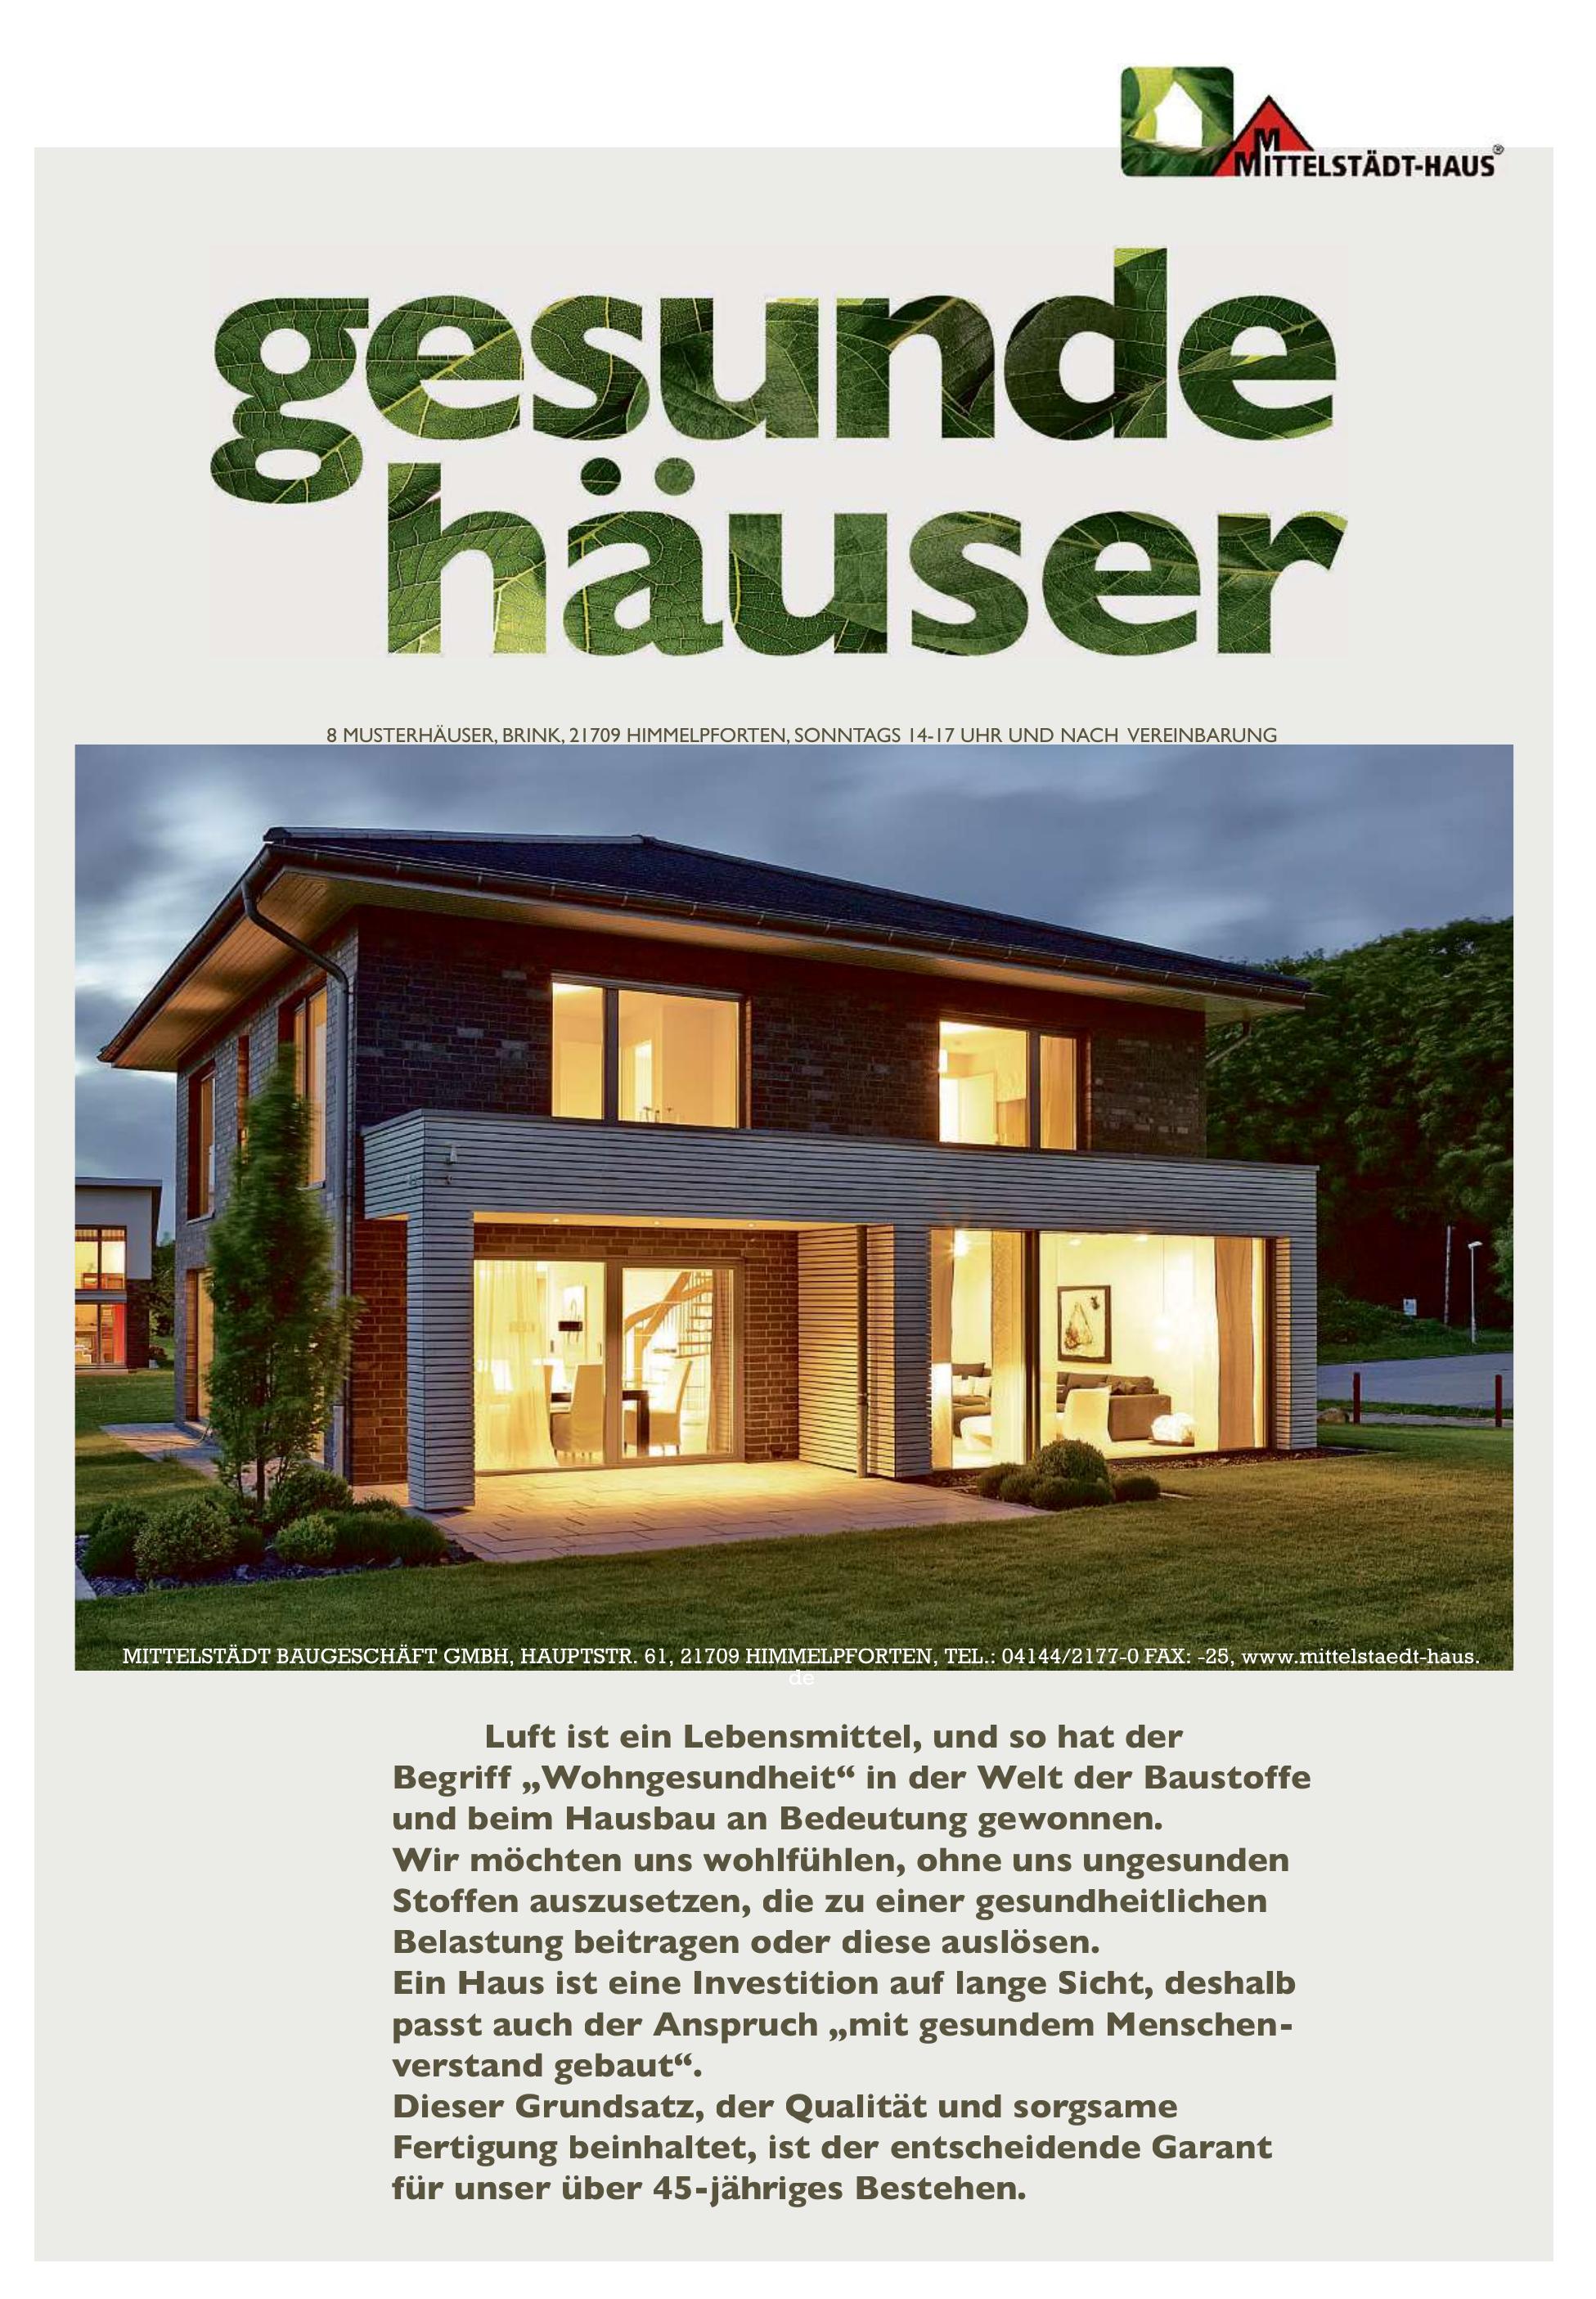 Mittelstädt Baugeschäft GmbH